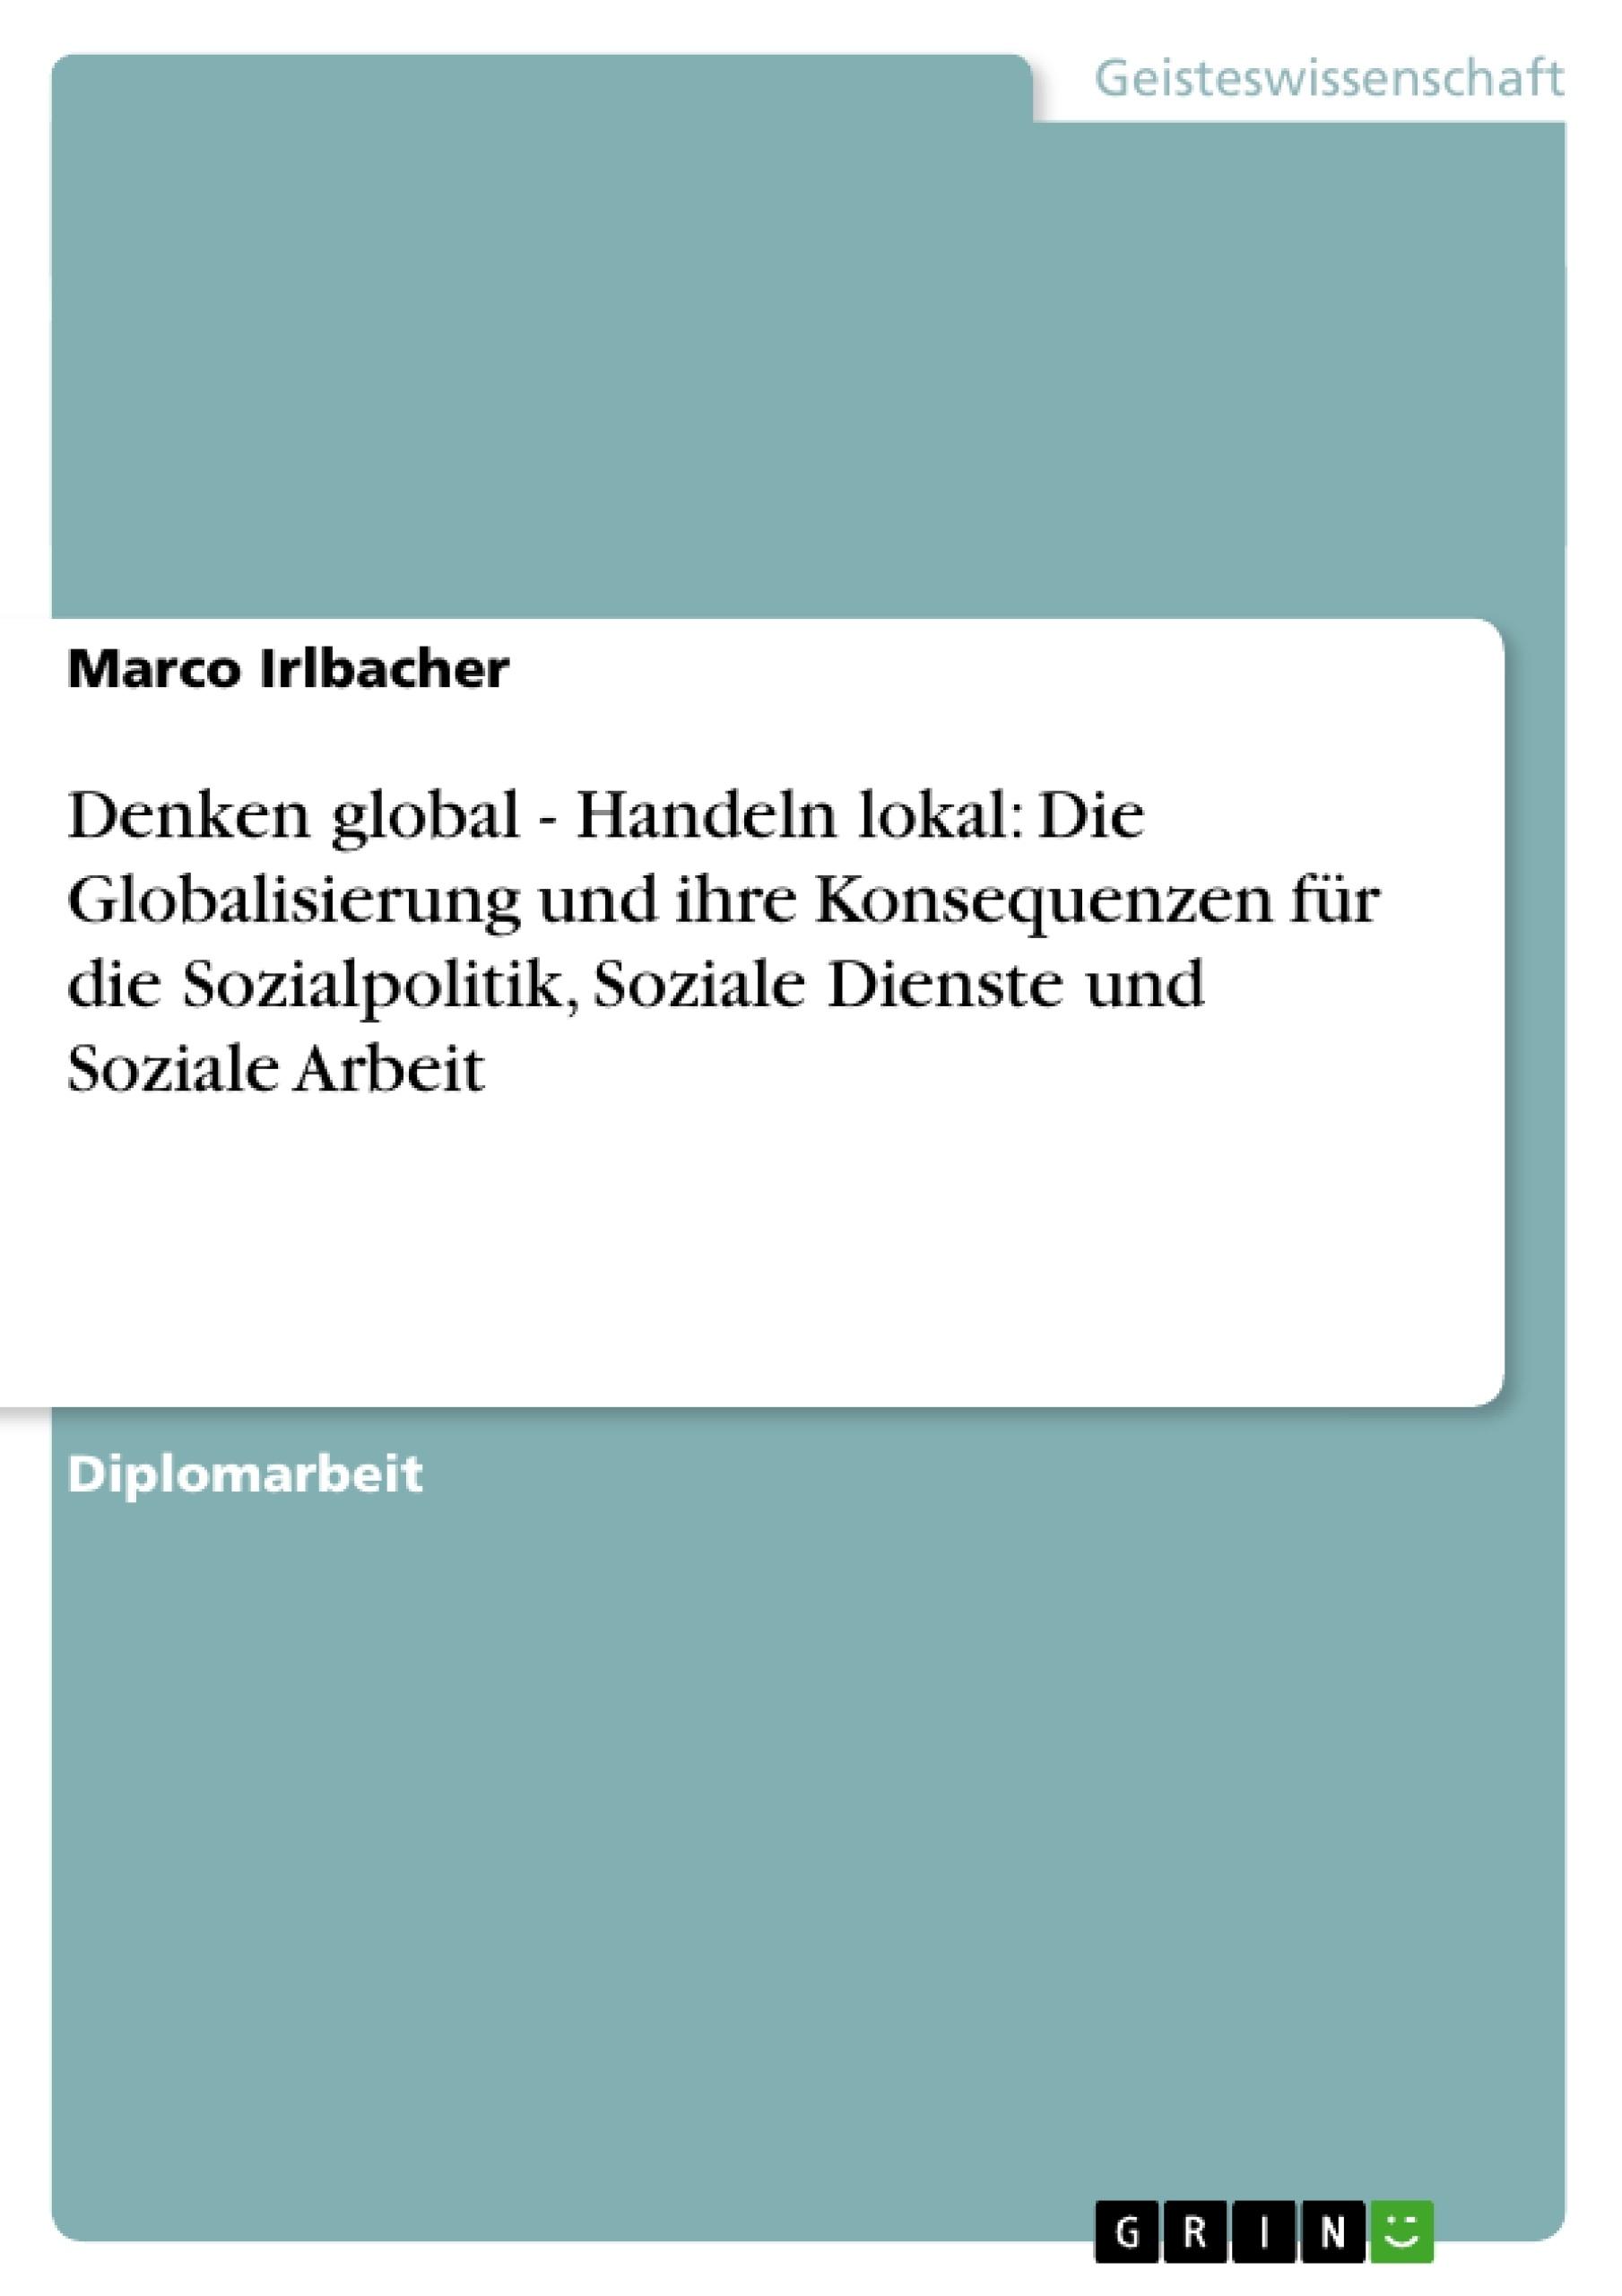 Titel: Denken global - Handeln lokal: Die Globalisierung und ihre Konsequenzen für die Sozialpolitik, Soziale Dienste und Soziale Arbeit